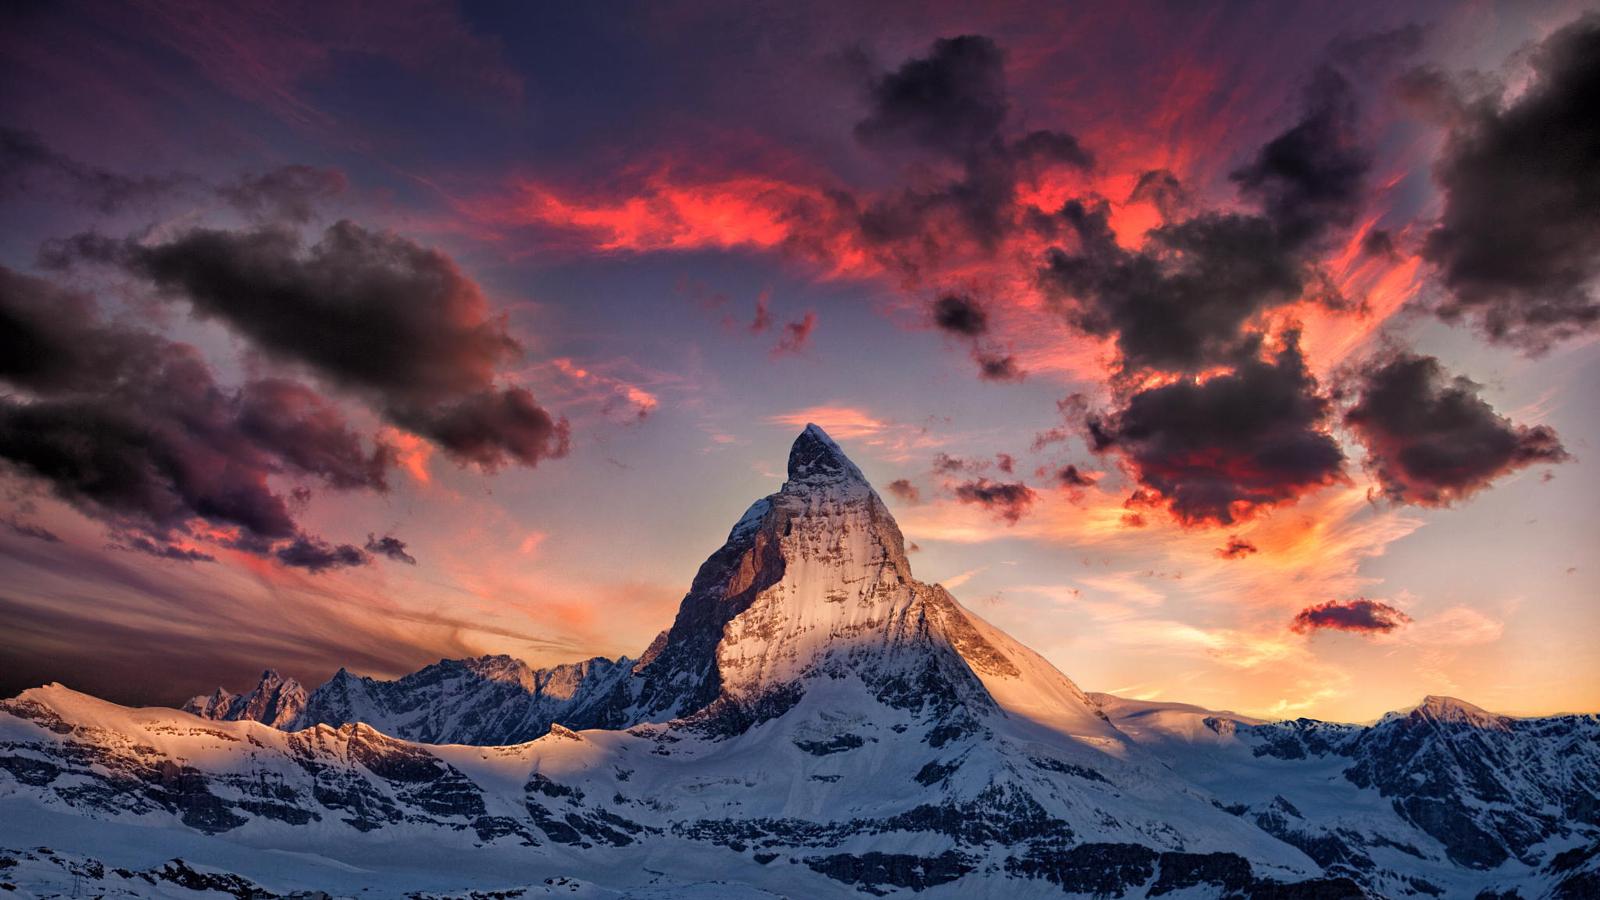 Самое интересное : Загородная резиденция в лесу на склоне холма в США